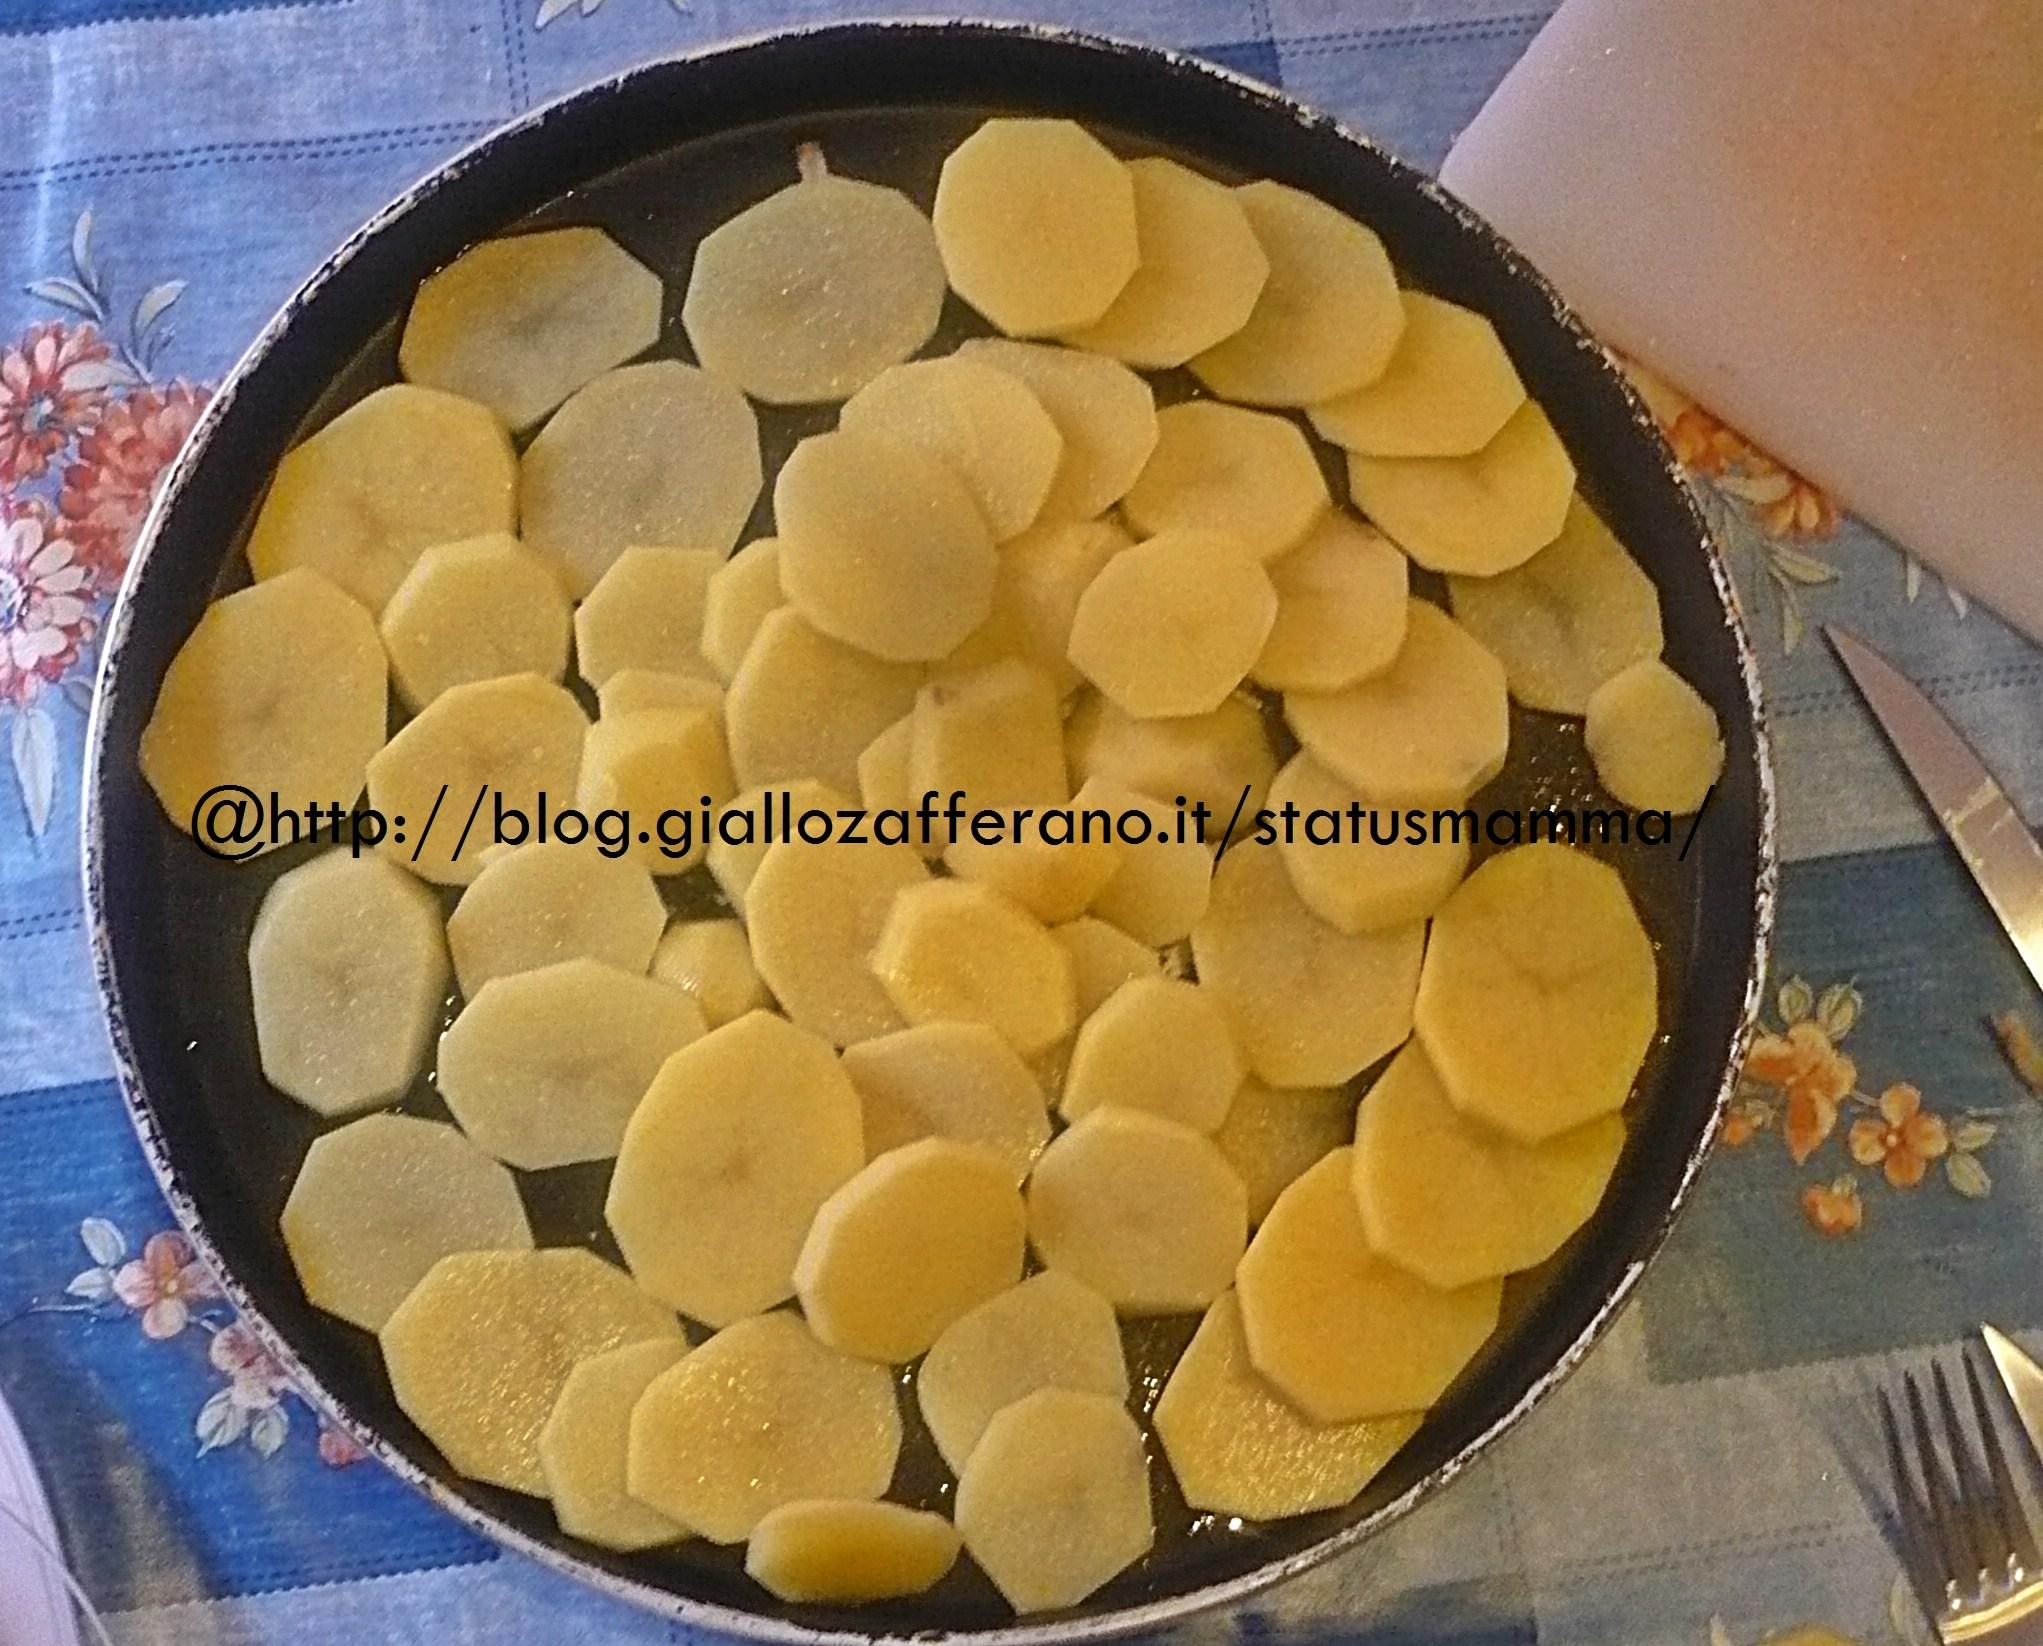 Patate al forno cottura microonde - Forno a microonde funzione crisp ...